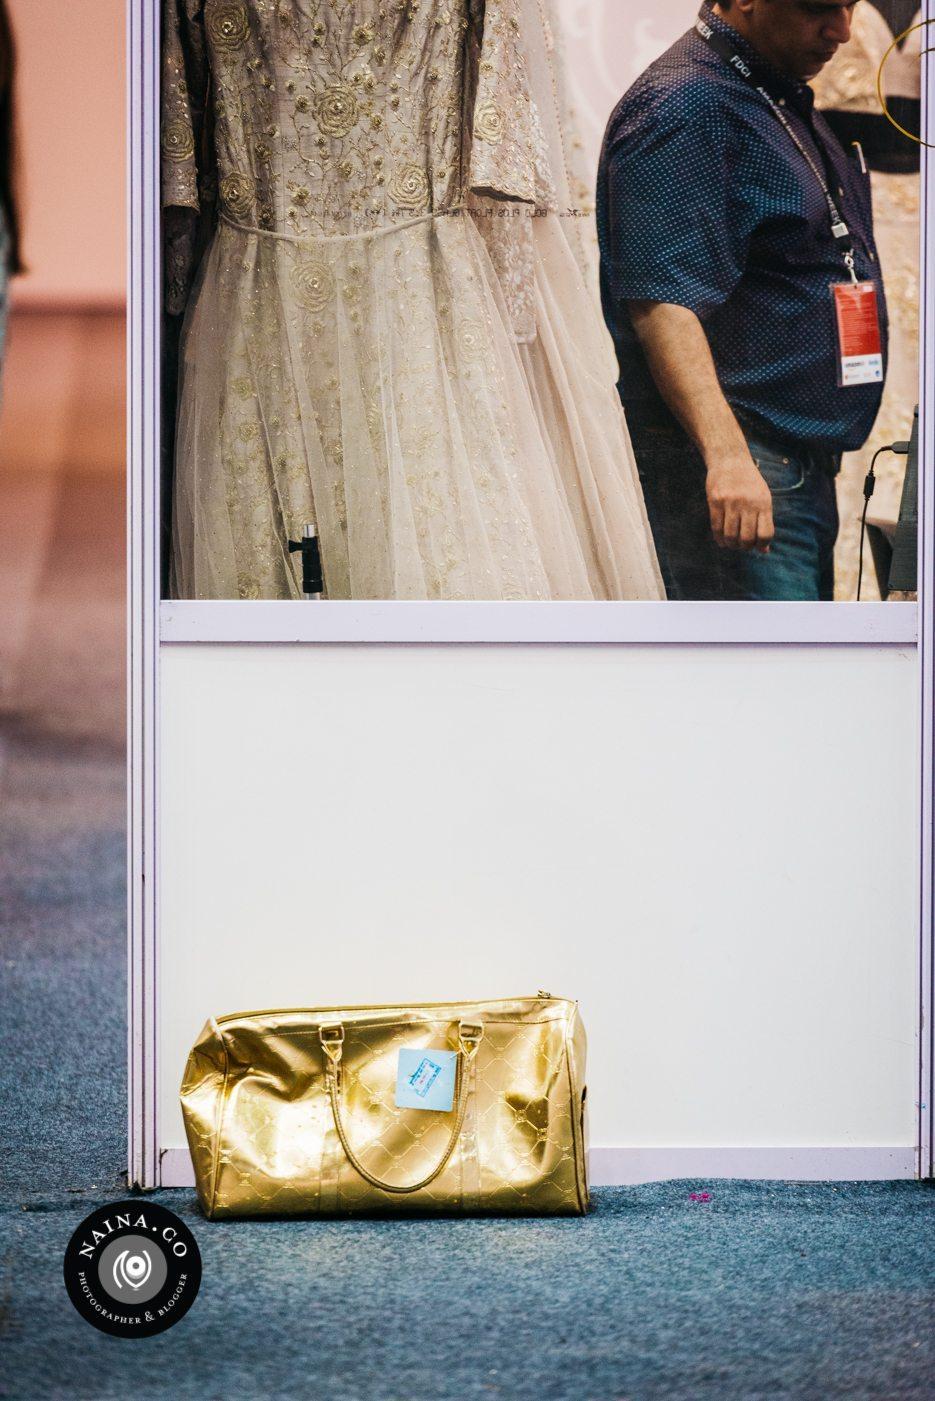 Naina.co-Raconteuse-Visuelle-Photographer-Blogger-Storyteller-Luxury-Lifestyle-AIFWAW15-32